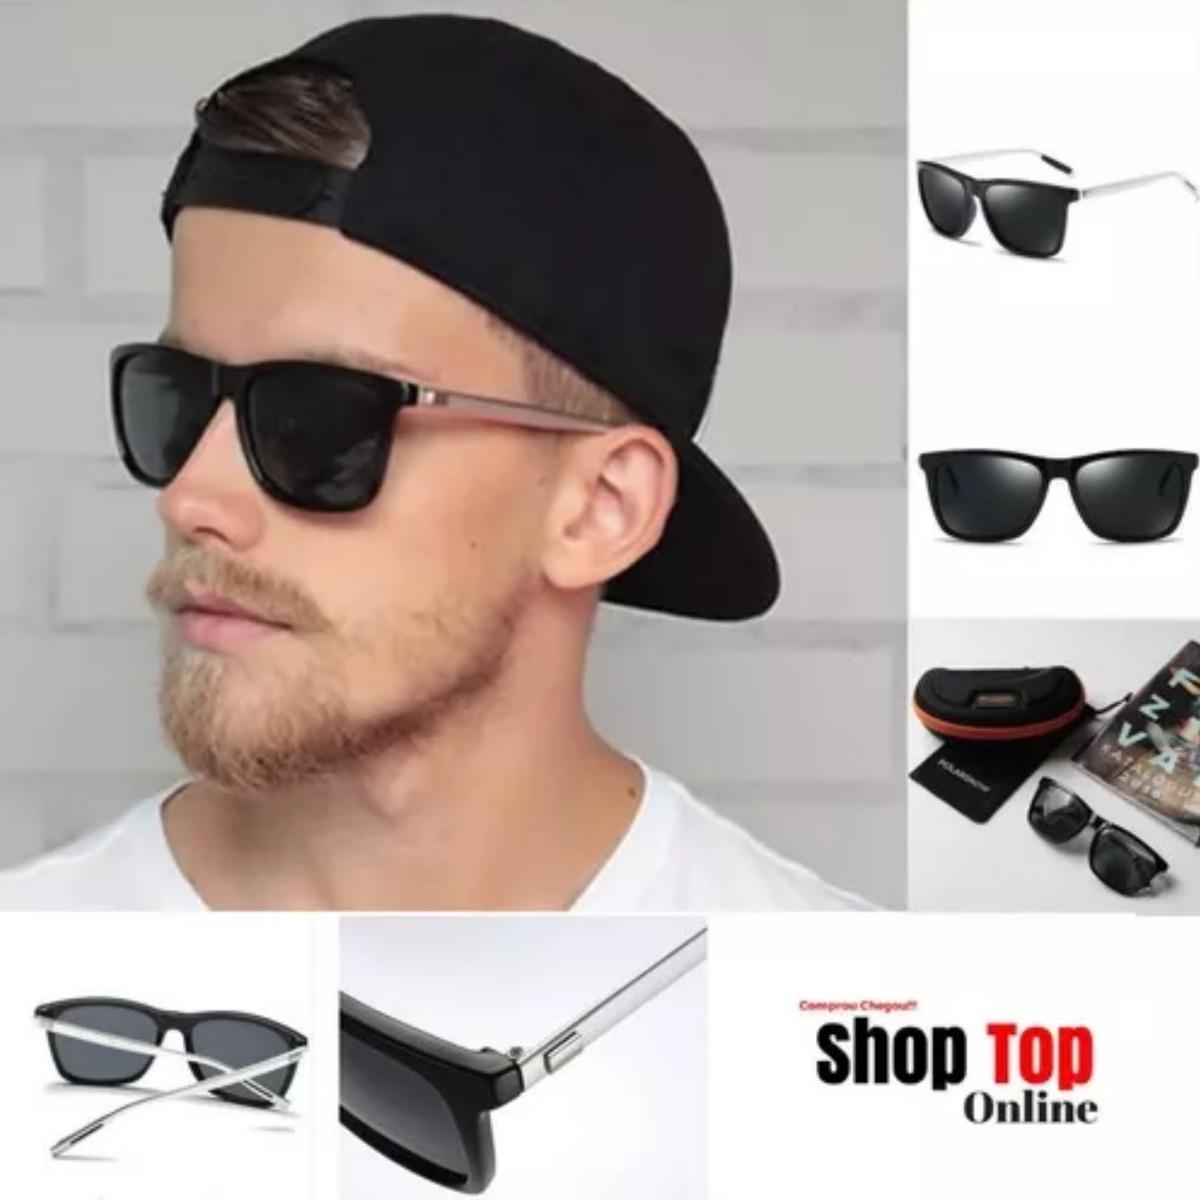 8aec86237c91a óculos de sol original masculino e feminino promoção barato. Carregando  zoom.